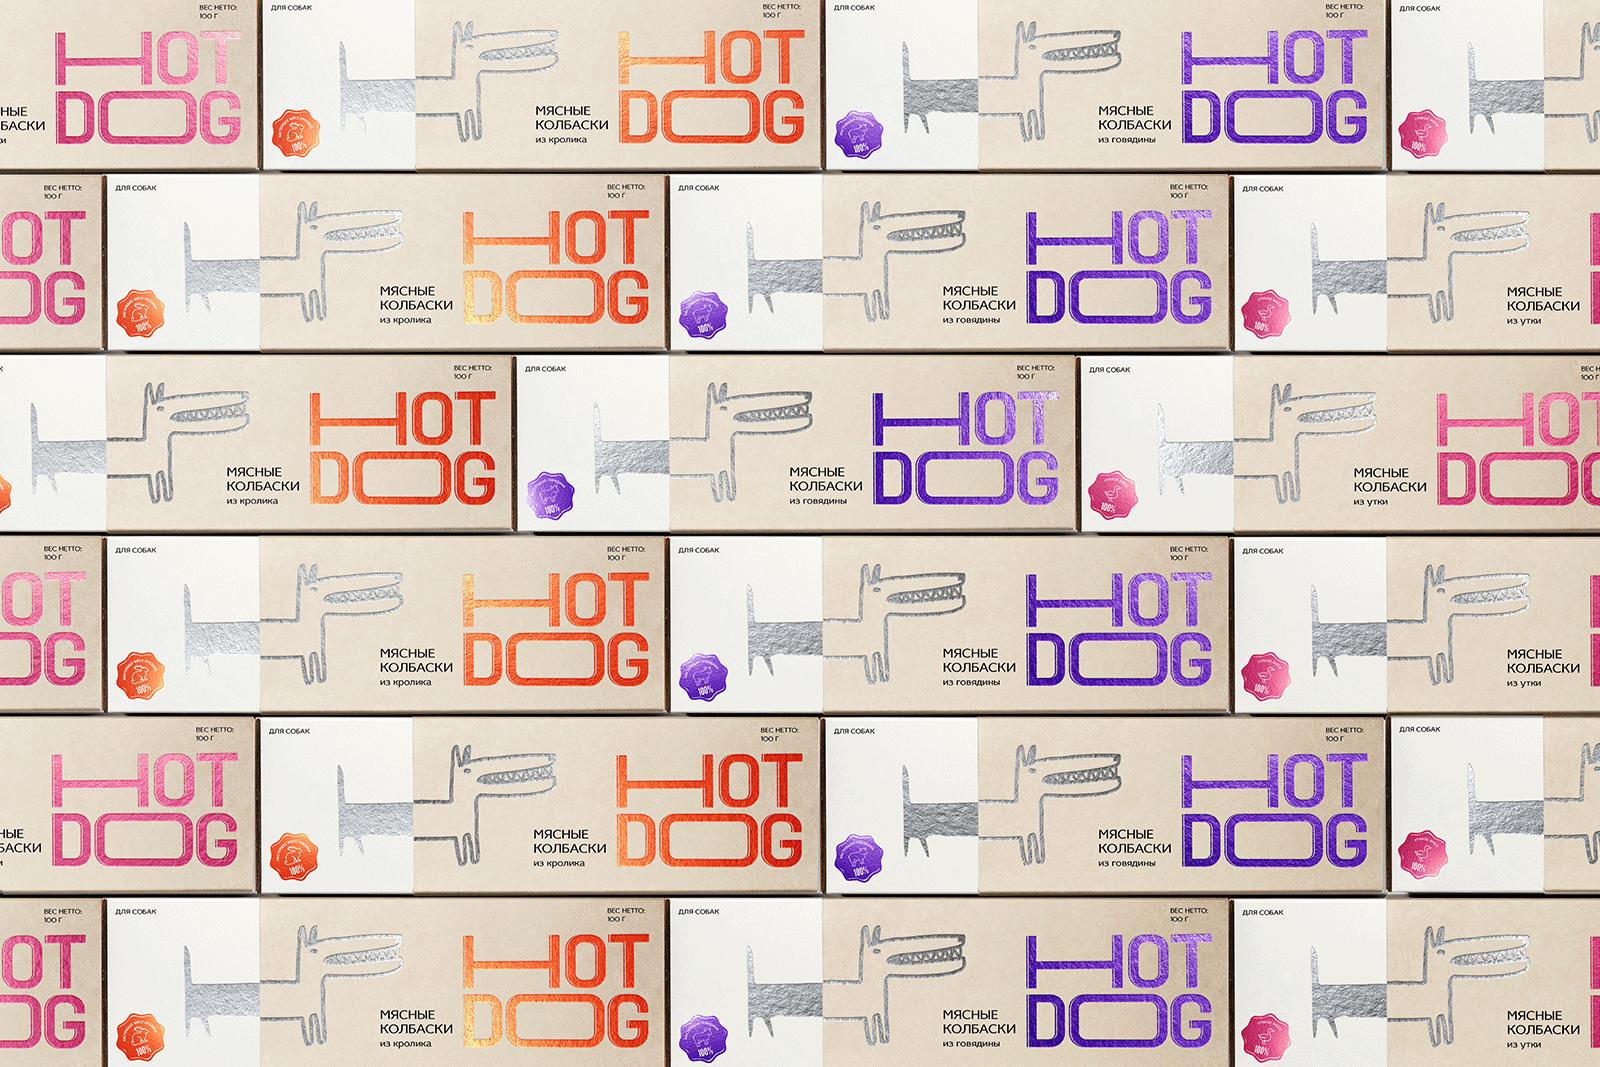 HOT DOG 0a - Ach, tie obaly – HOT DOG klobásky pro psy